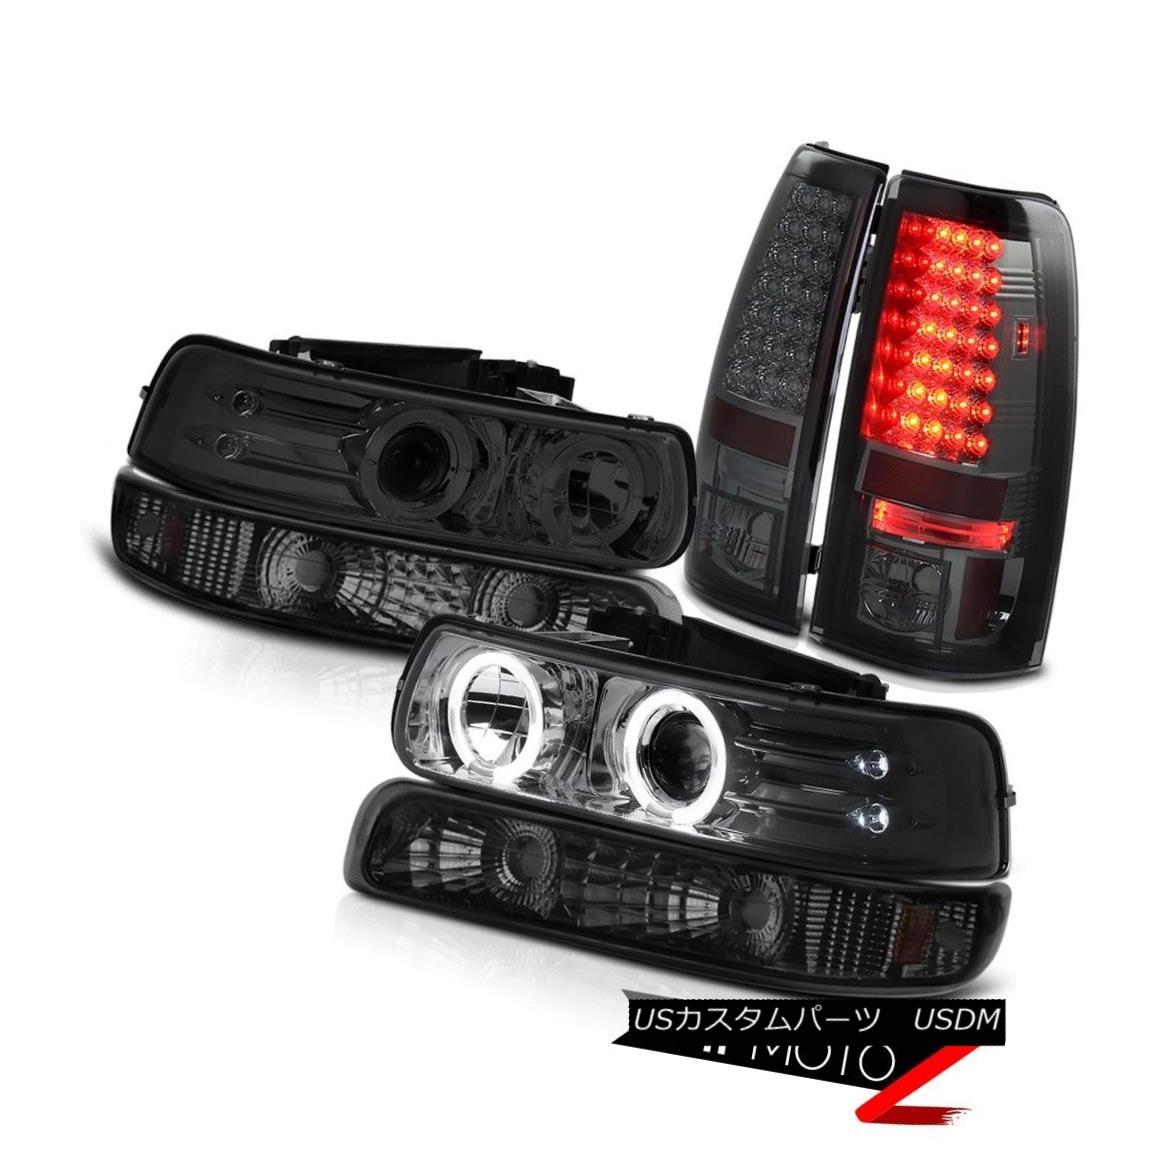 ヘッドライト 99 00 01 02 Silverado LED Tinted Headlights Turn Signal Bumper Smoke Tail Light 99 00 01 02 Silverado LED Tintedヘッドライトターンシグナルバンパー煙テールライト